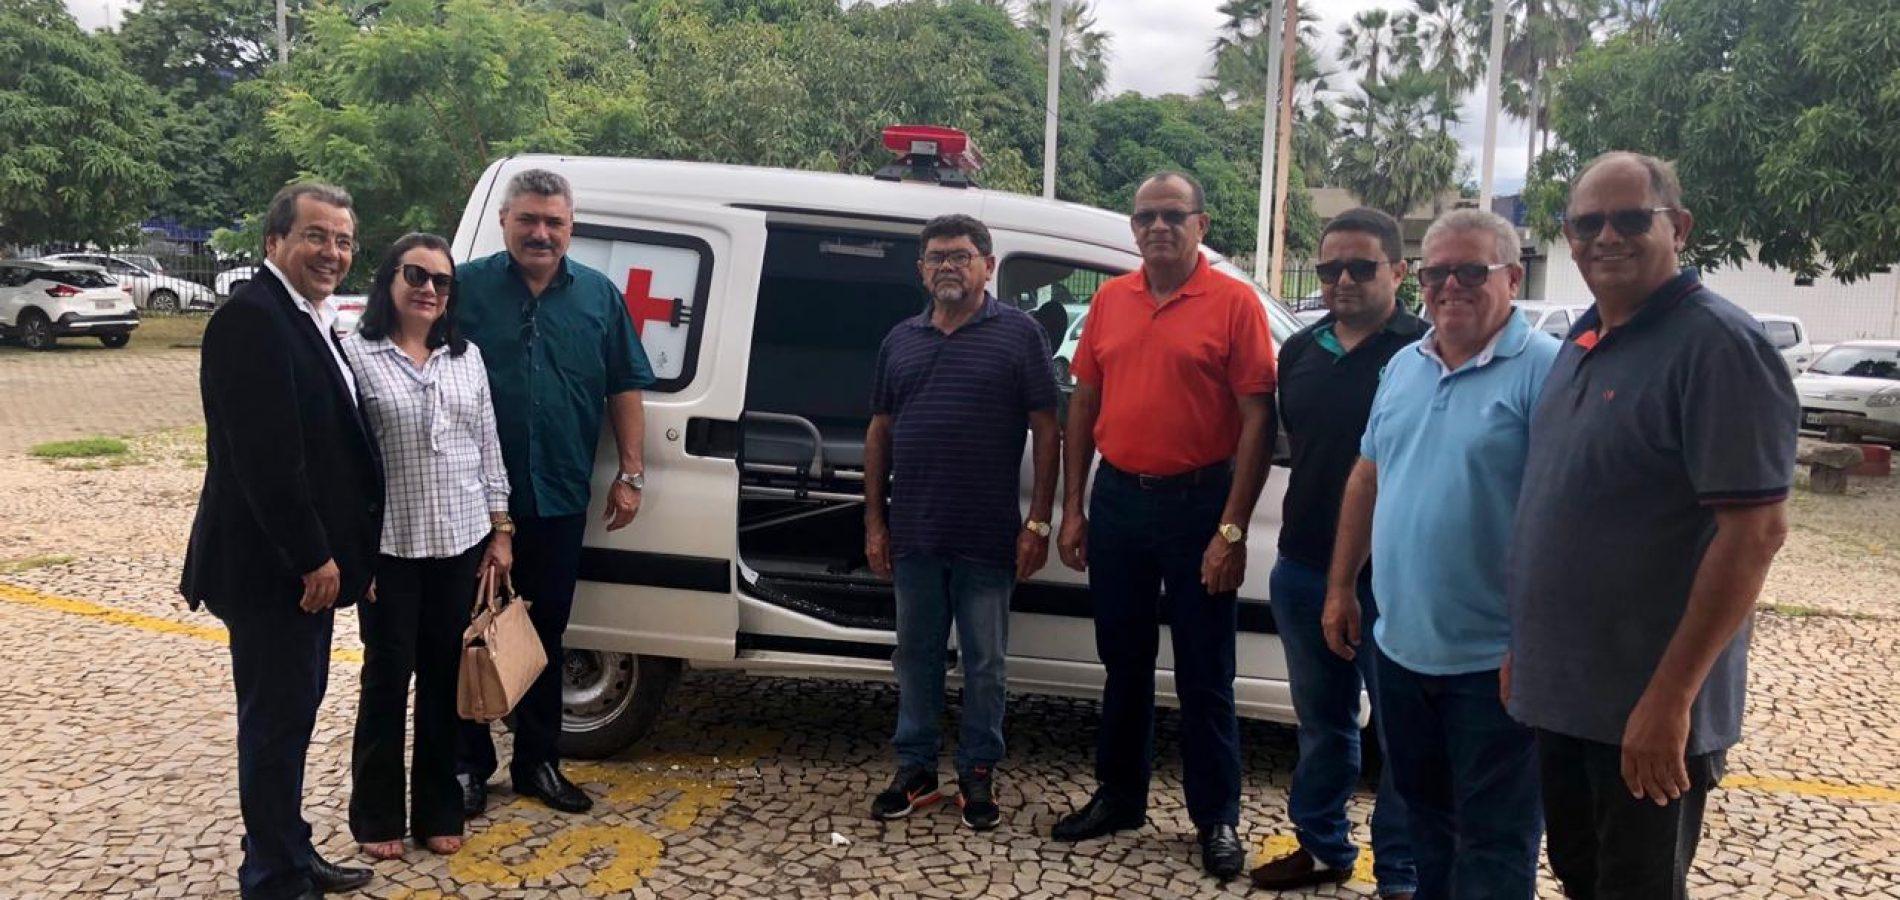 Prefeito Zé Ulisses recebe nova ambulância e fala sobre o trabalho da gestão em Simões